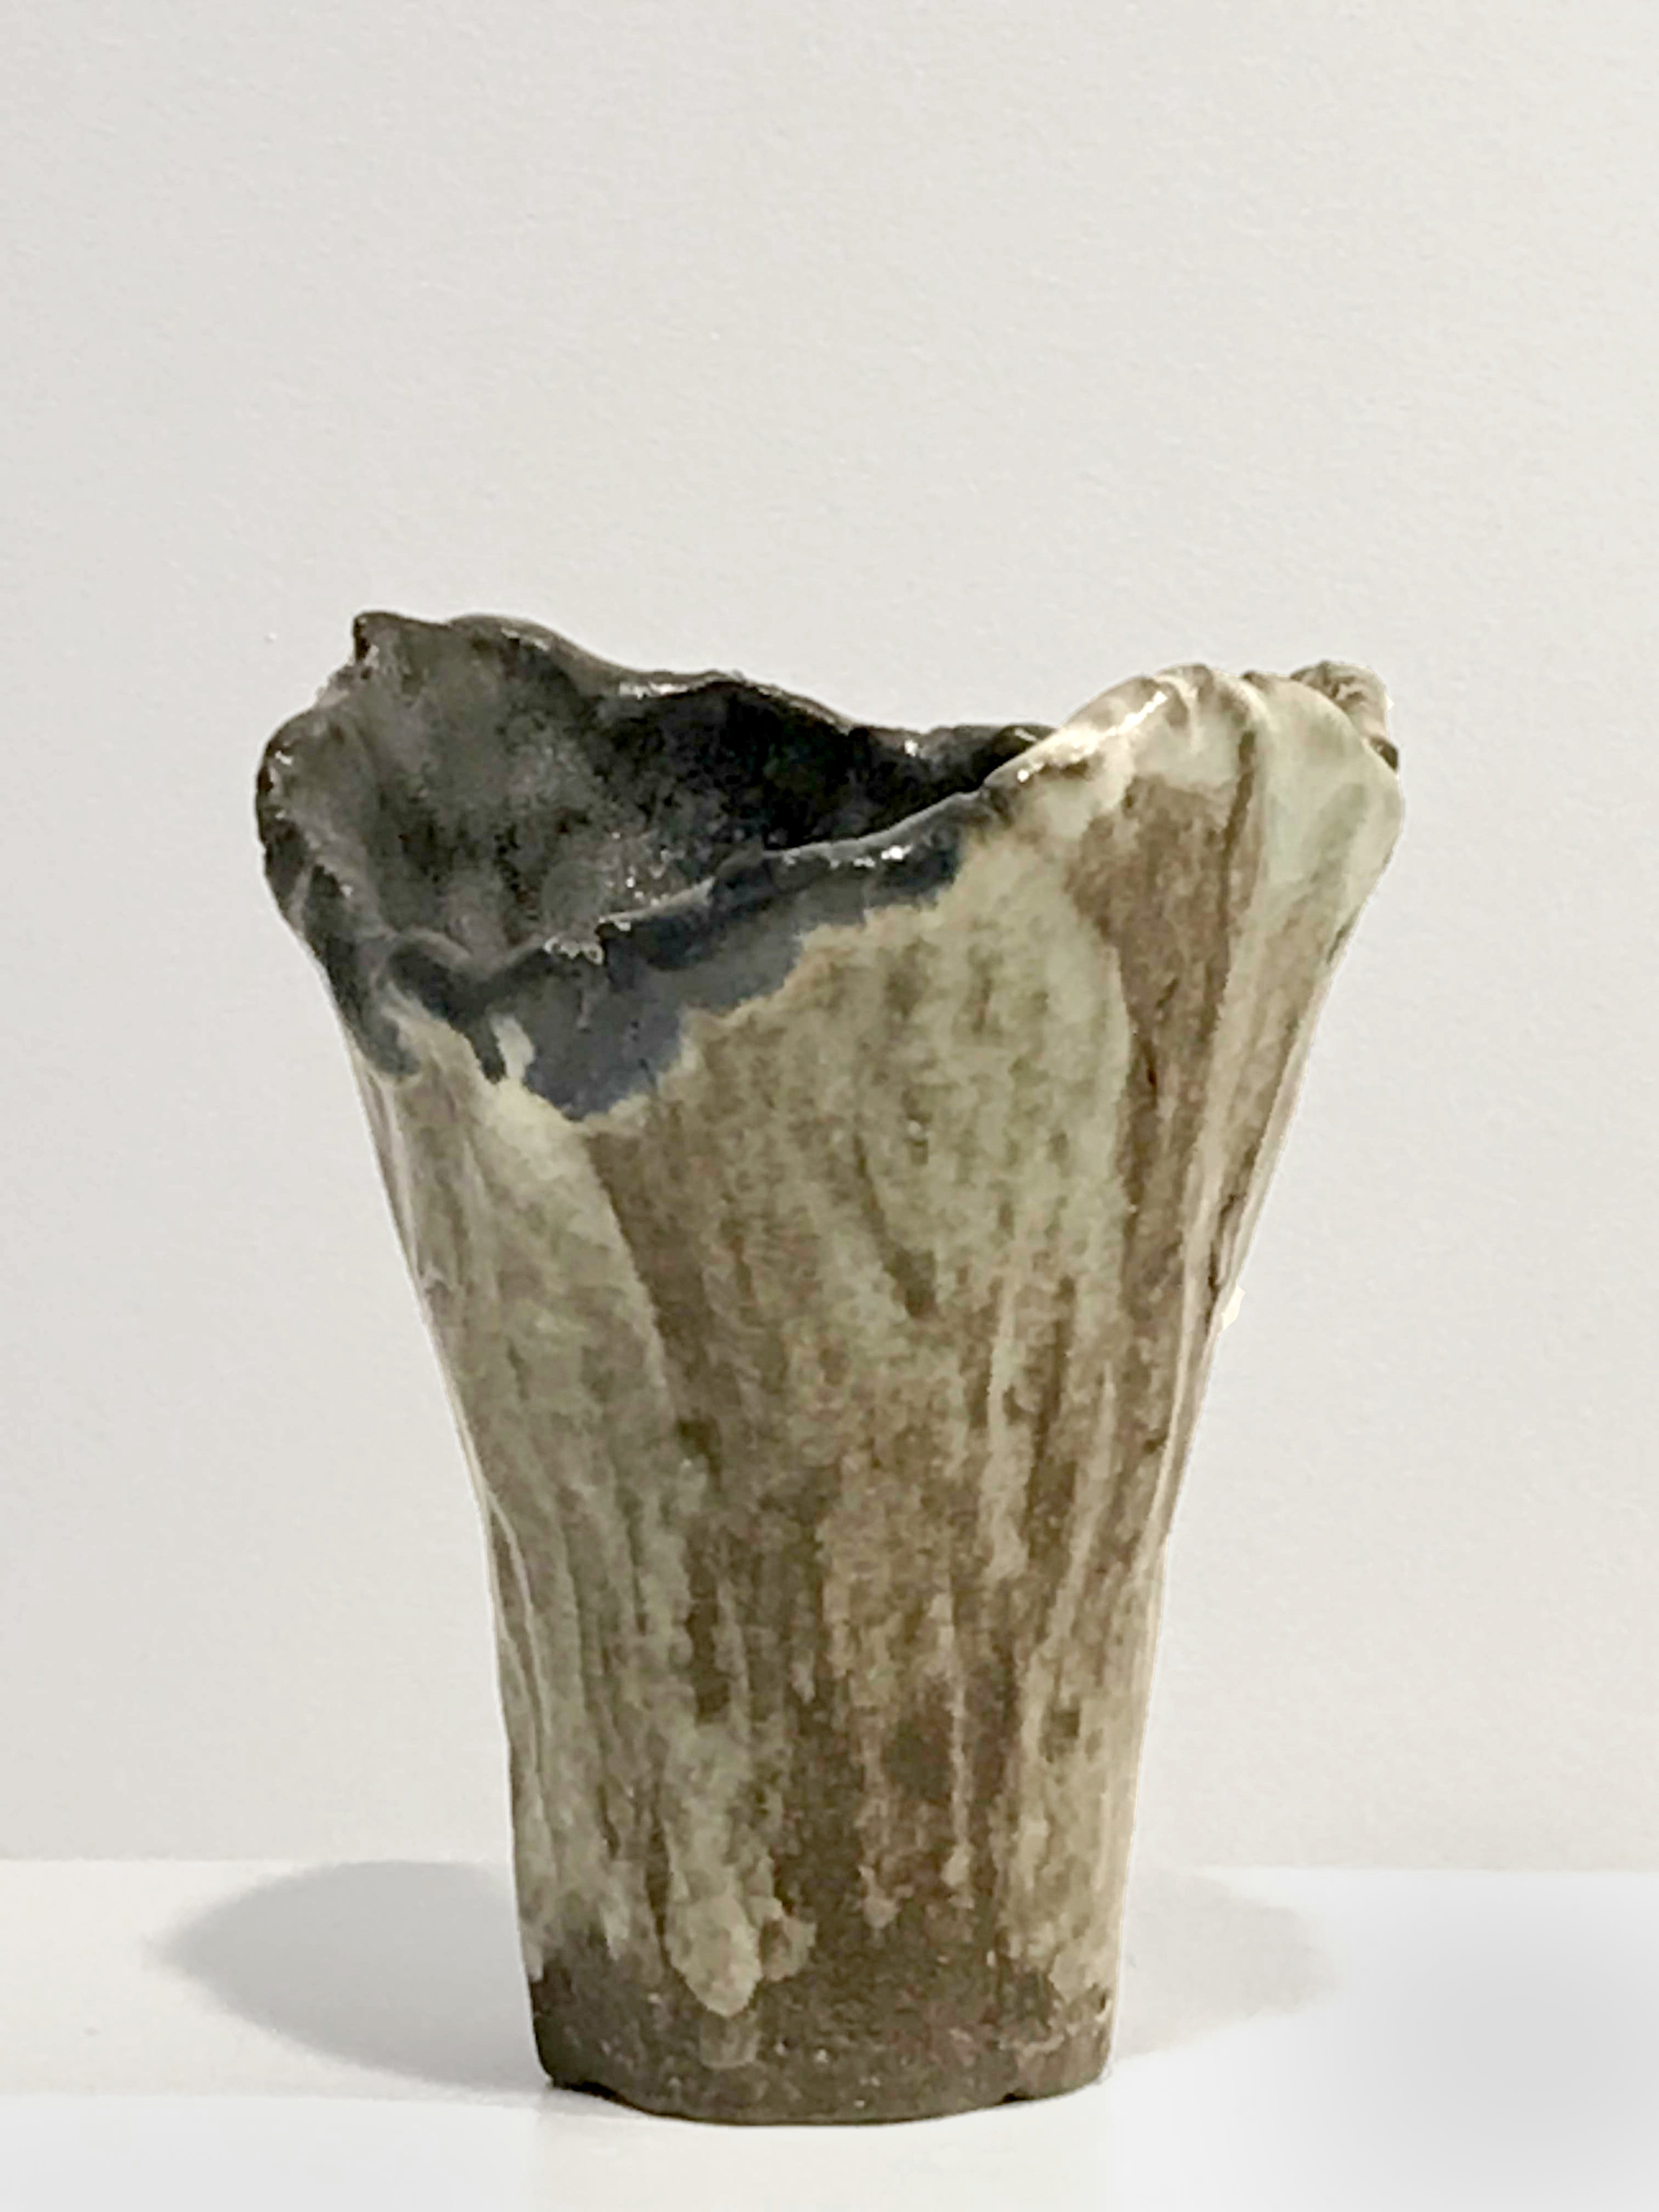 - Dena ZemskyVessel (Maquette II)2018Glazed stoneware3 3/4 x 3 x 3 inches